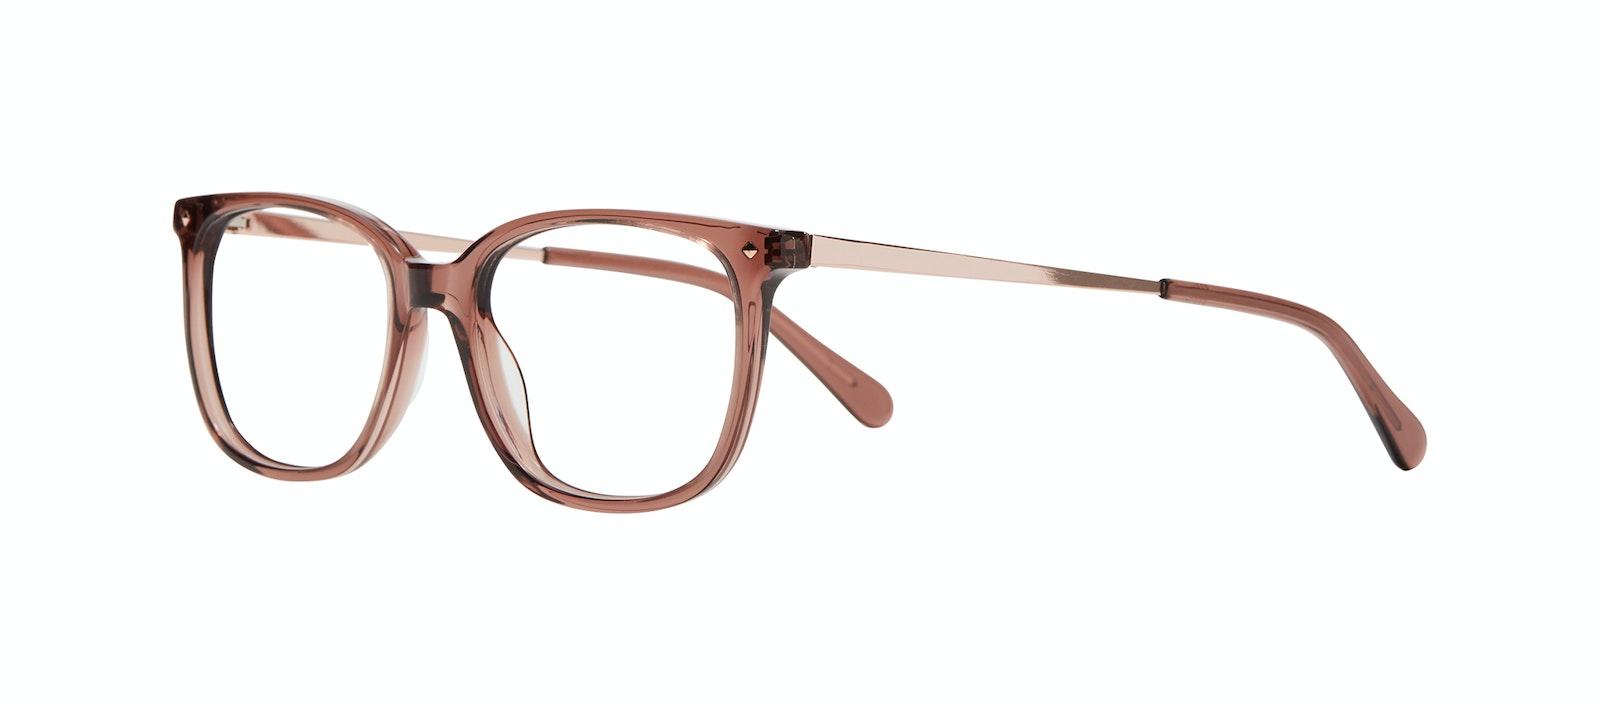 Affordable Fashion Glasses Rectangle Square Eyeglasses Women Refine Dark Terra Tilt